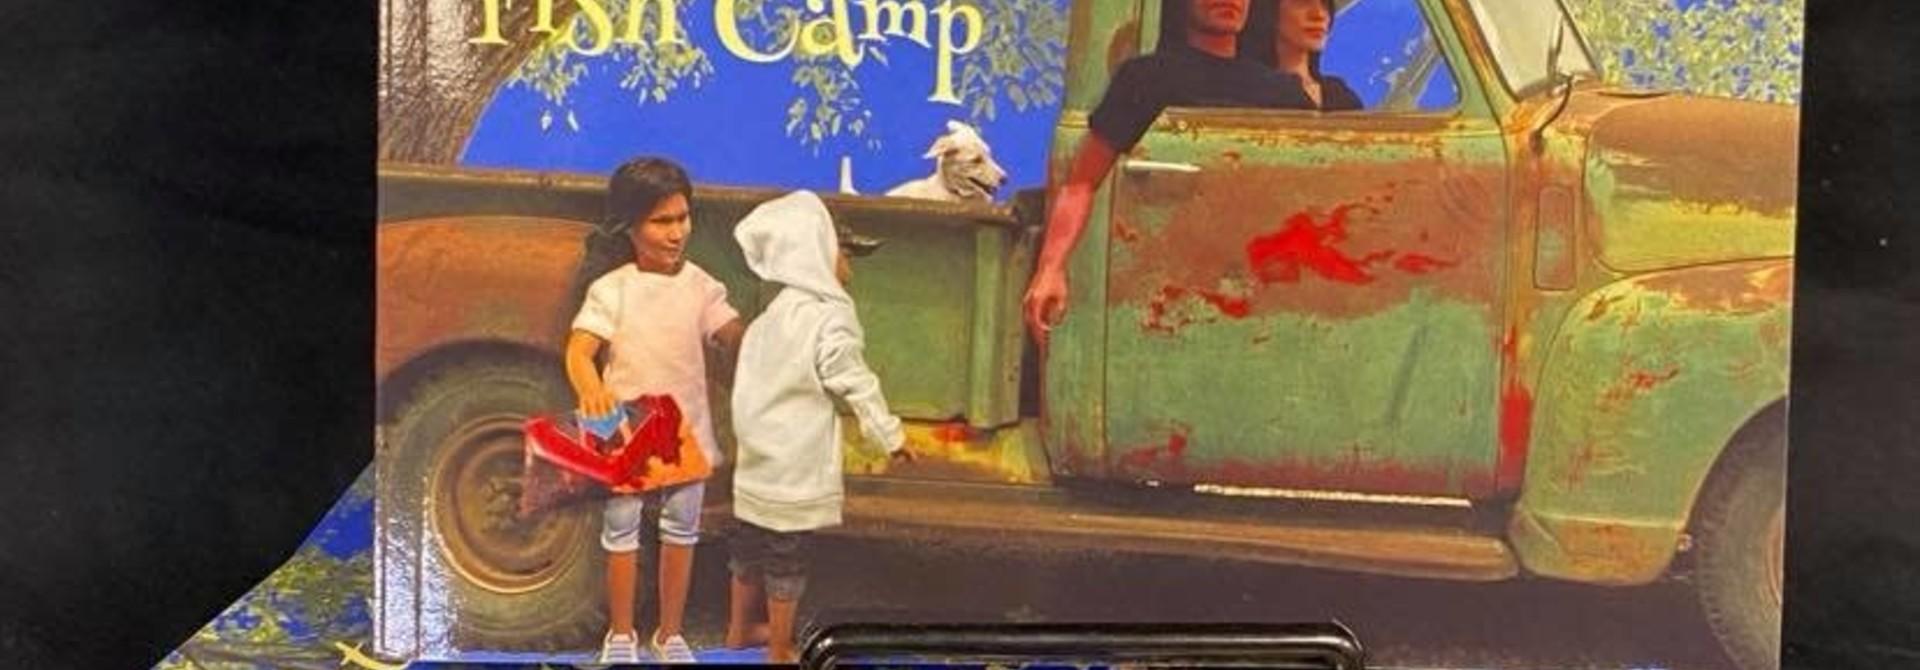 Sí:tel Á:la Goes to Fish Camp- By Sí:tel Á:la  Lauralee Kelly